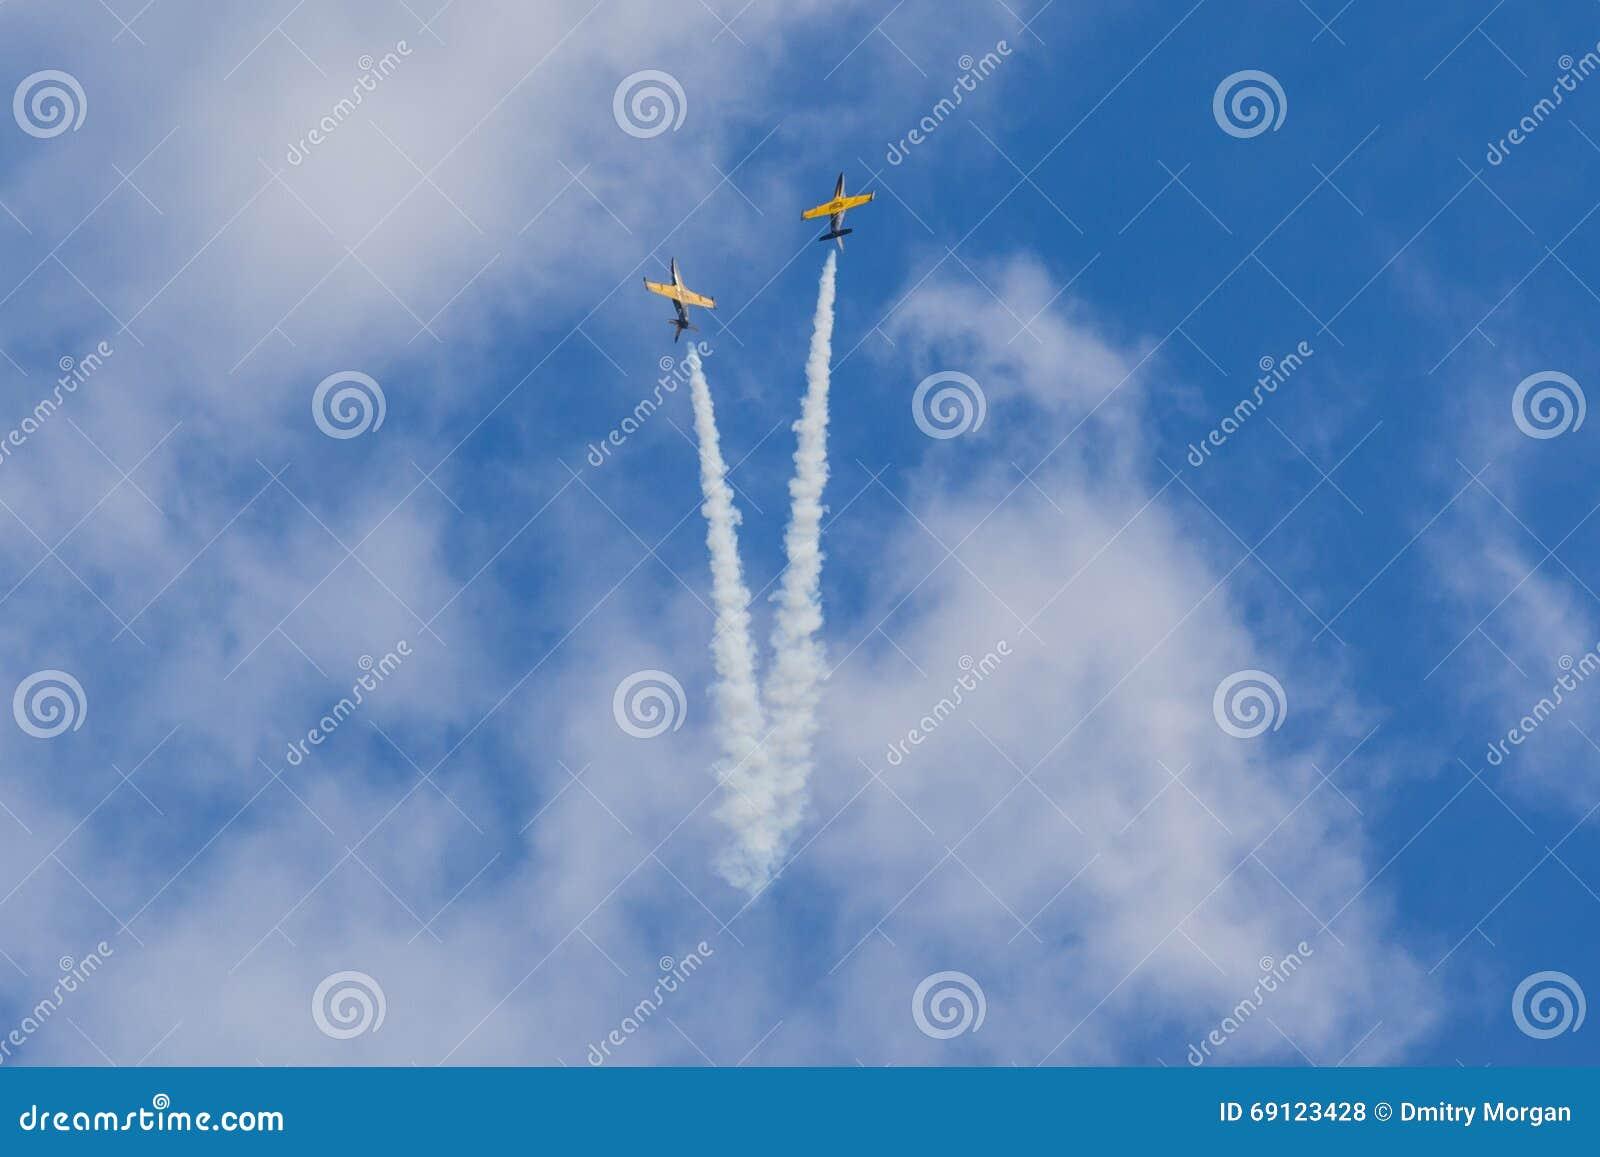 O conluio acrobático aplana RUS do ALCA L-159 Aero no ar durante o evento desportivo da aviação dedicado ao 80th aniversário de D